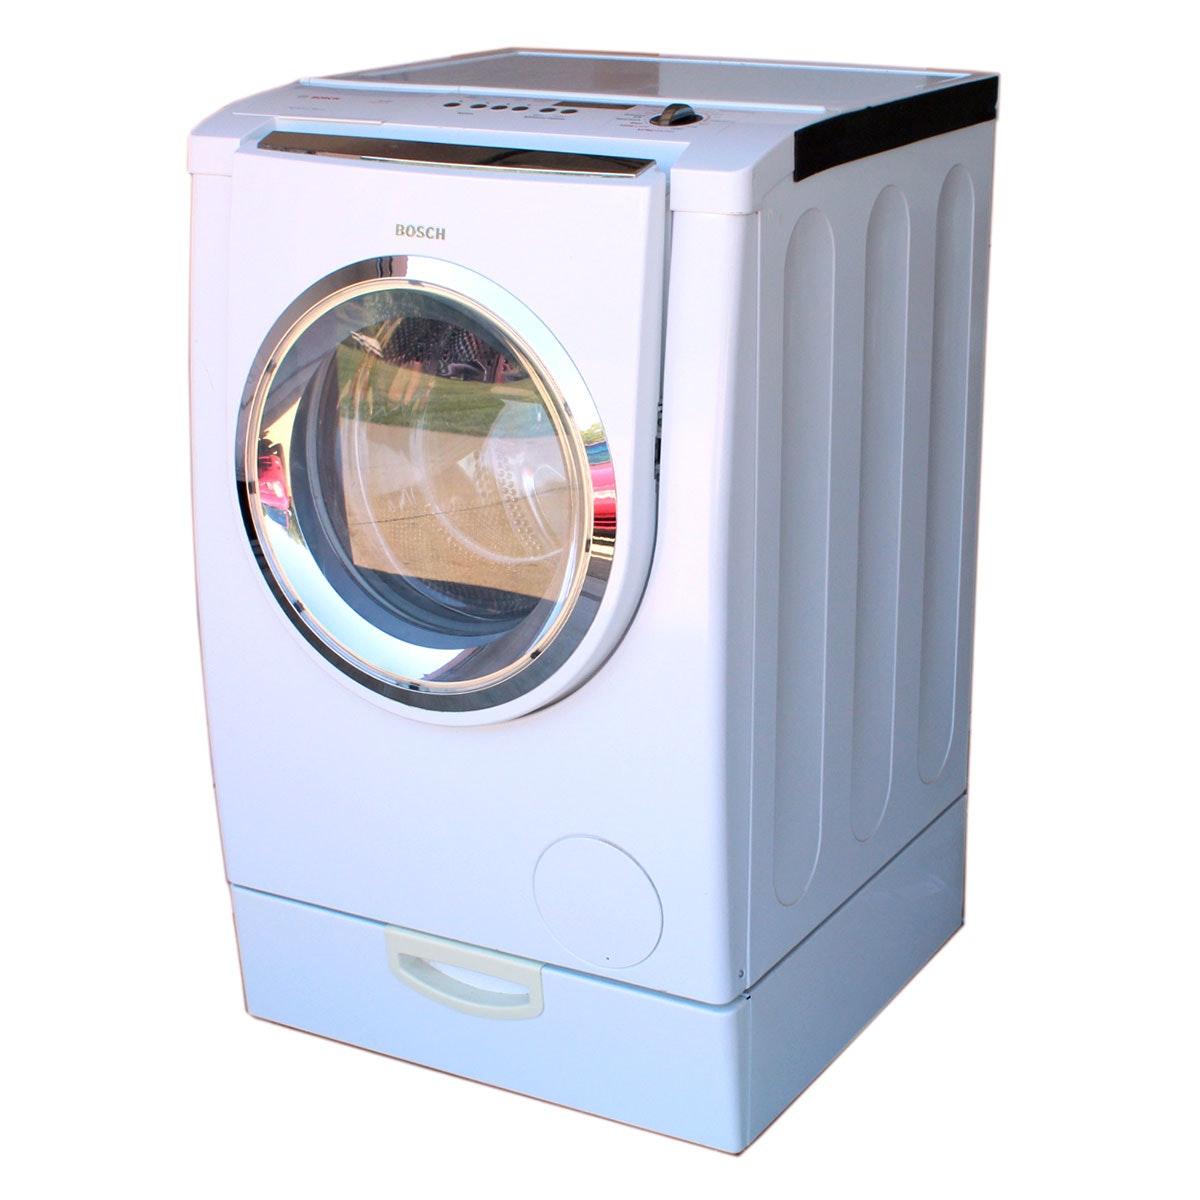 bosch washing machine 500 series